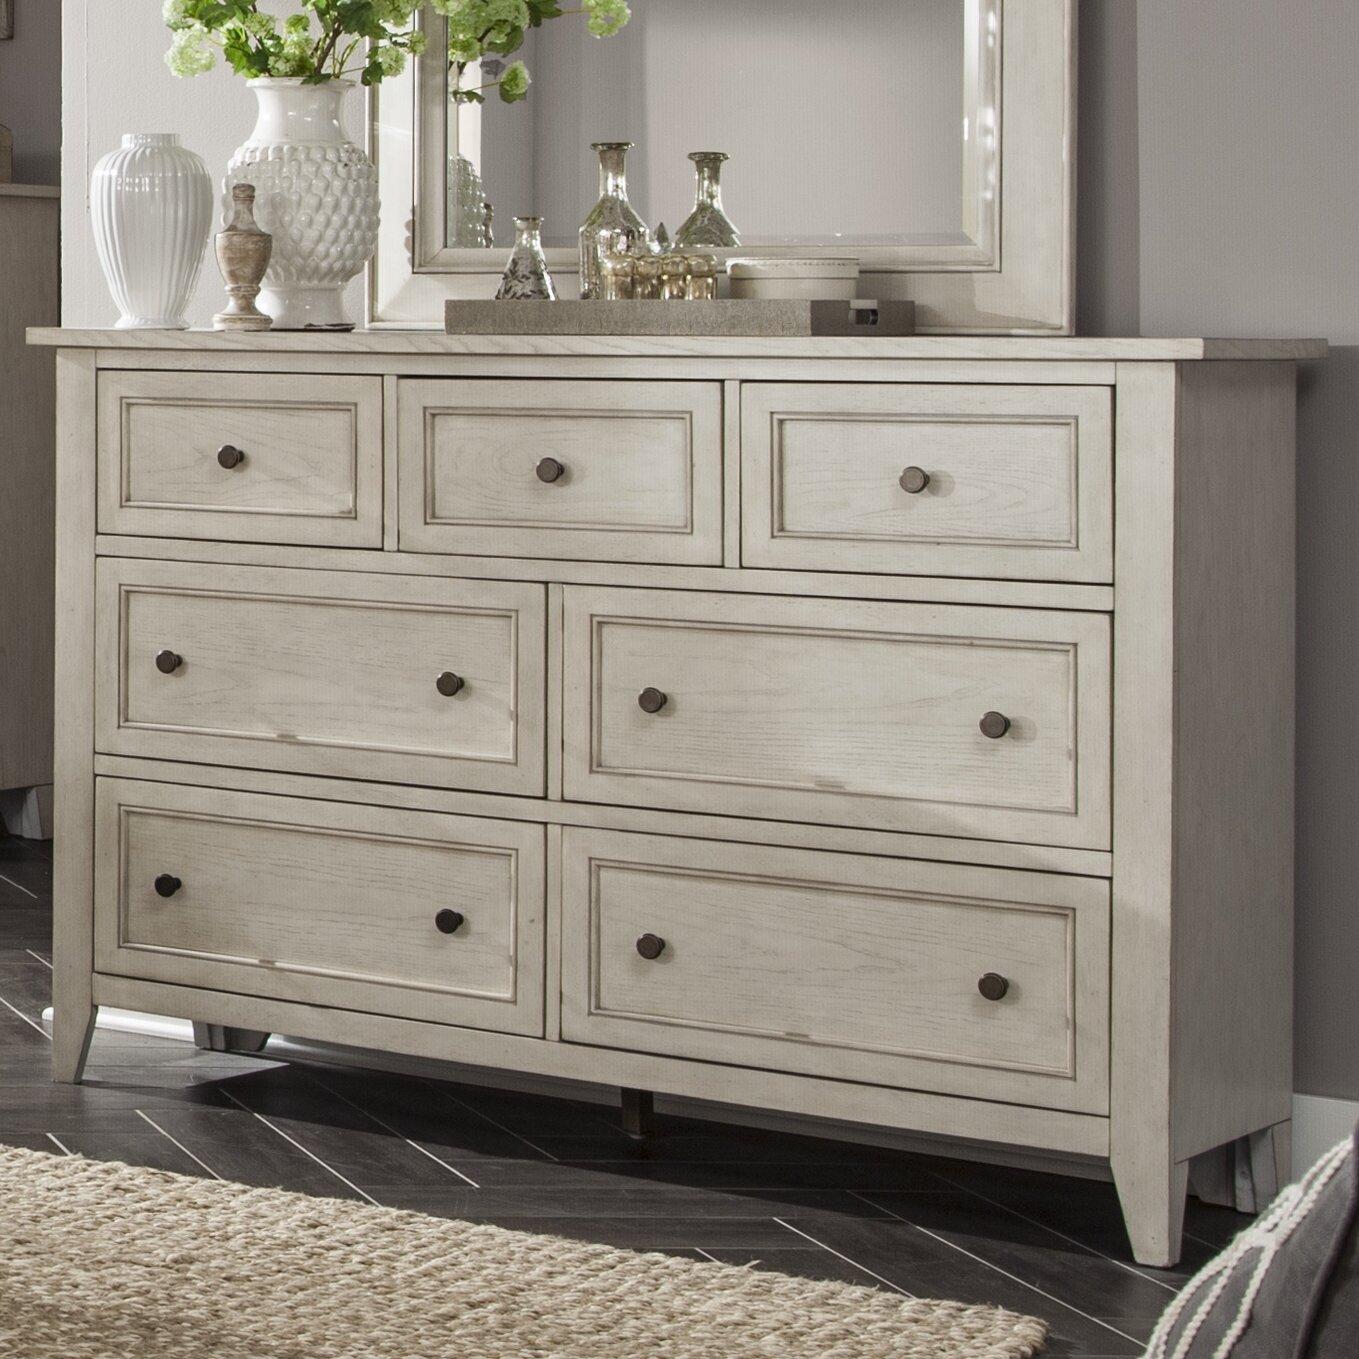 Stoughton 7 drawer dresser reviews birch lane